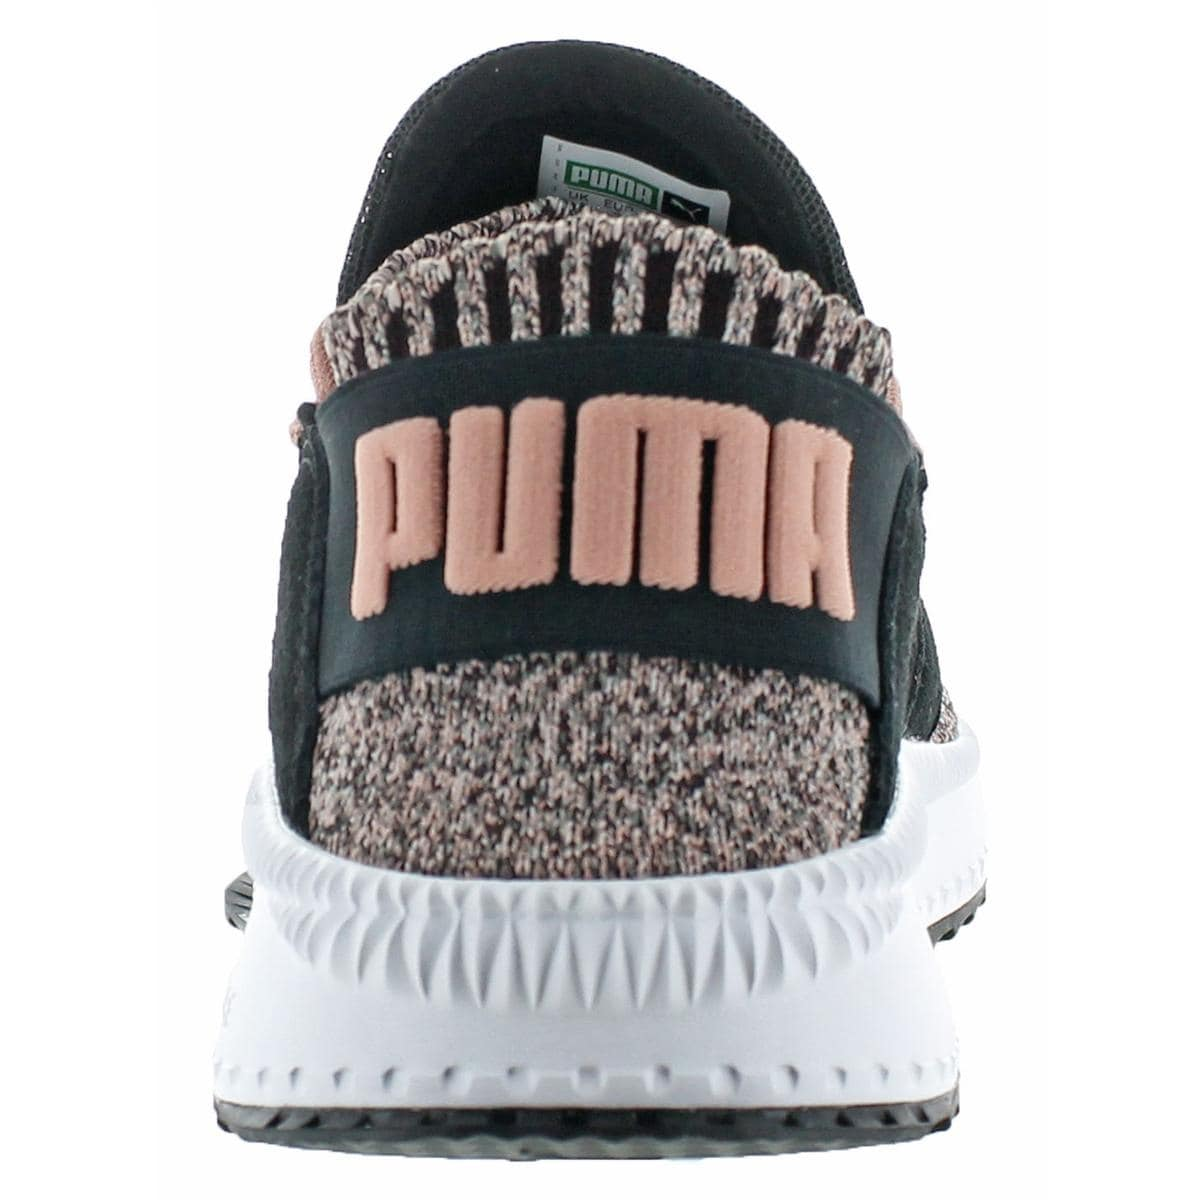 a5b7b018d9b8 Shop Puma Womens TSUGI Shinsei evoKNIT Fashion Sneakers Lightweight Casual  - Ships To Canada - Overstock - 21429545